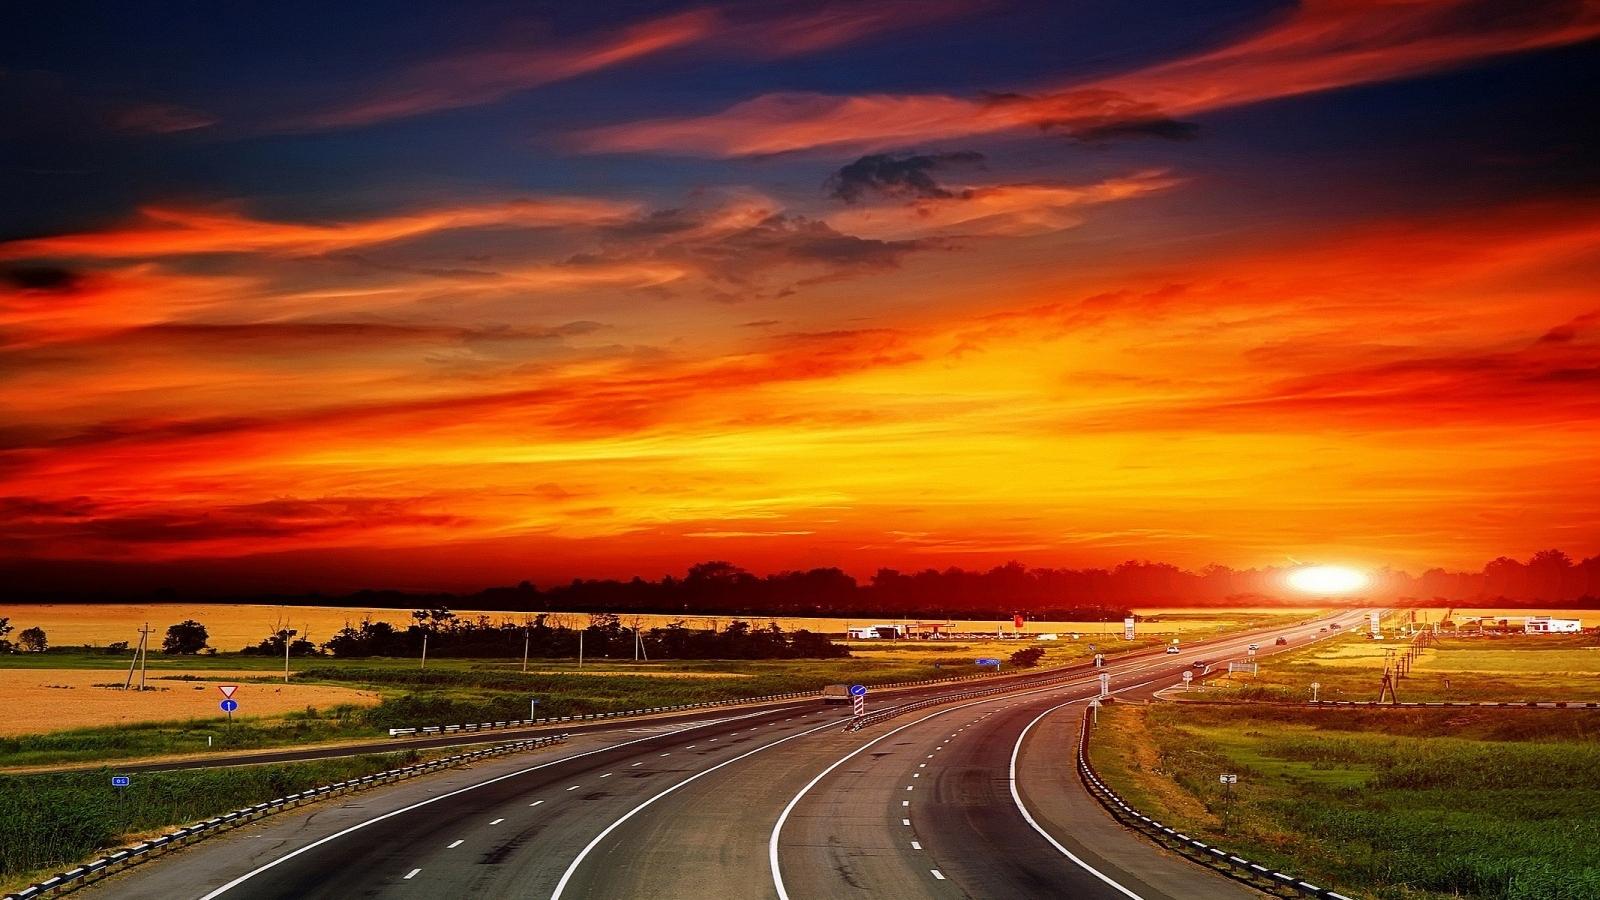 """5000km cao tốc và khát vọng """"đại lộ, đại phú"""""""